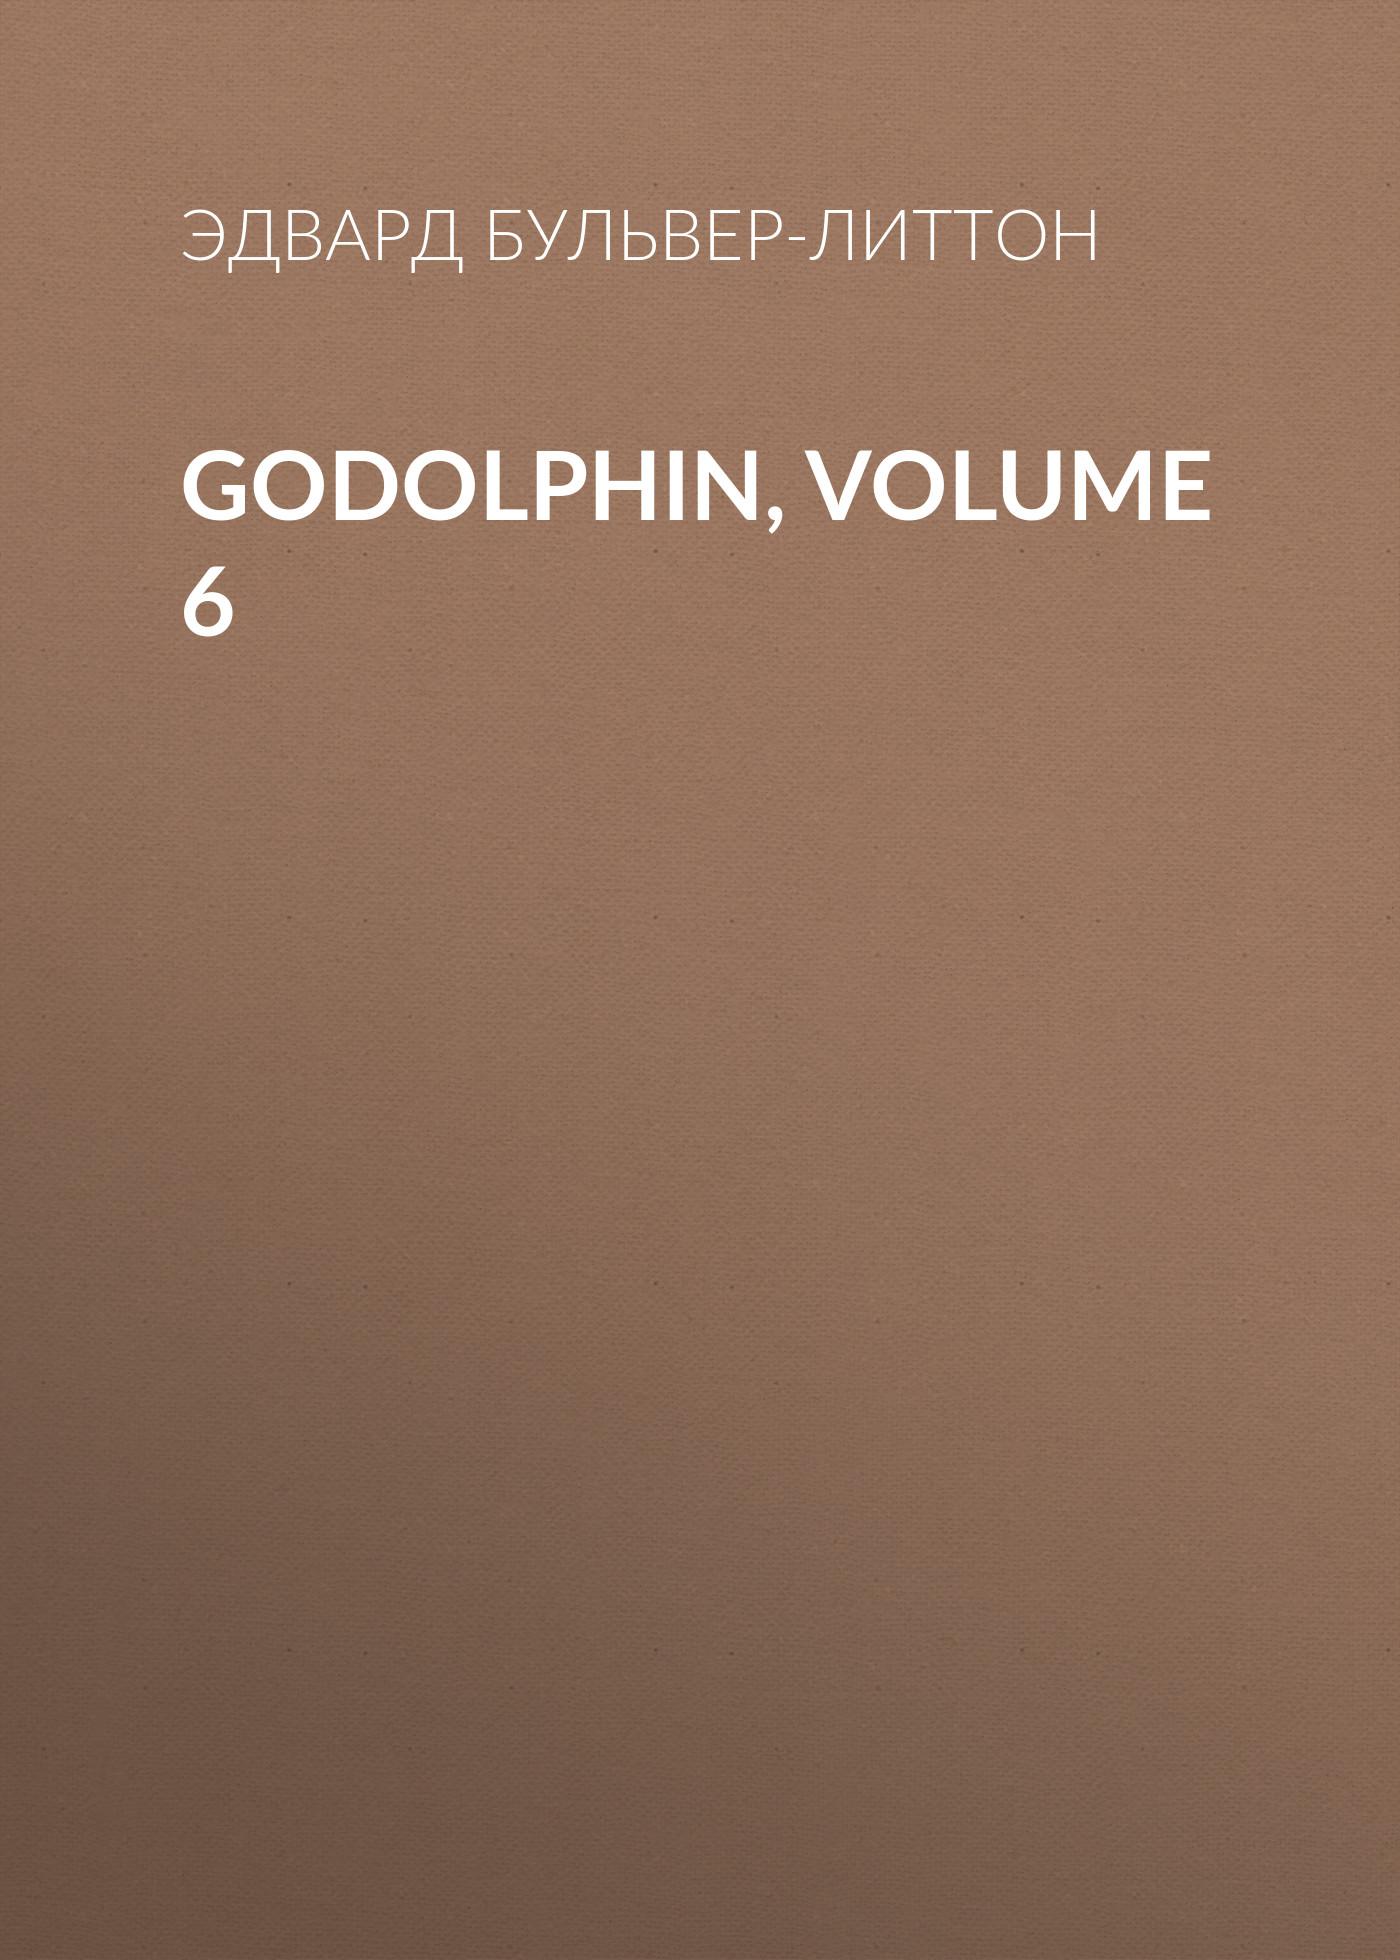 Эдвард Бульвер-Литтон Godolphin, Volume 6 эдвард бульвер литтон godolphin volume 2